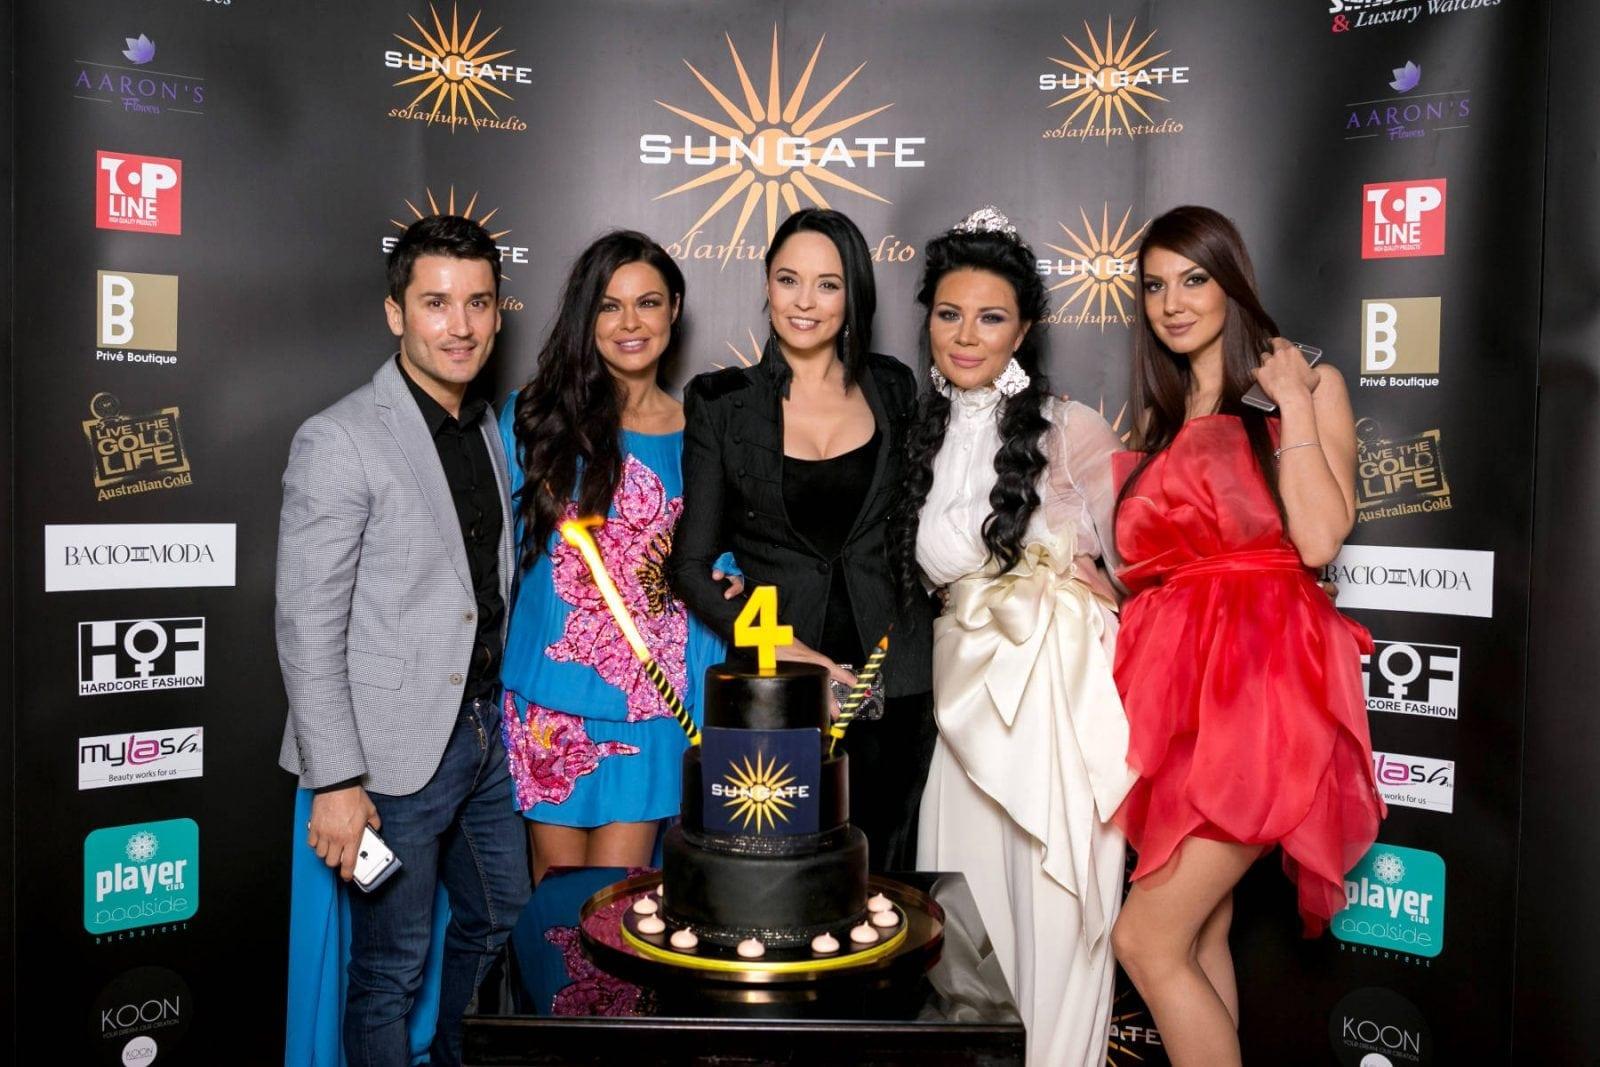 andreea marin sorin dutoiu tort aniversare sungate - Andreea Marin, Corina, Anda Adam și Adelina Pestrițu și-au schimbat look-ul pentru aniversarea Sungate